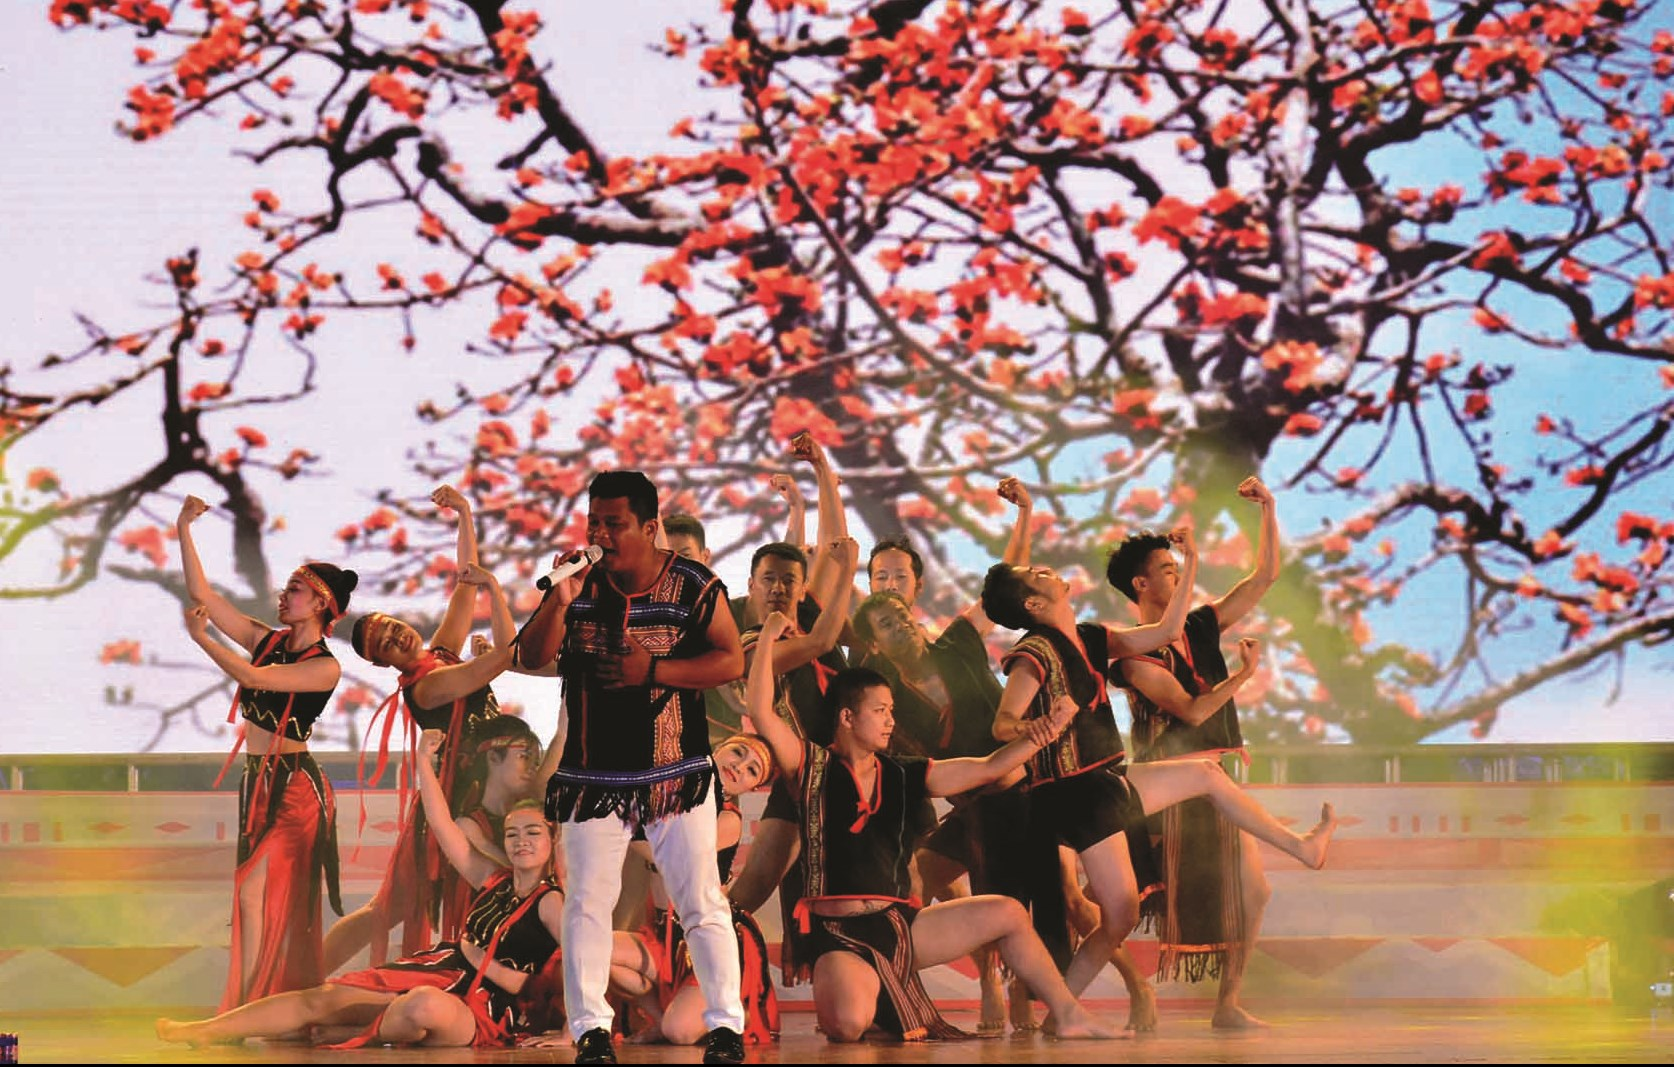 Các nghệ sĩ Tây Nguyên biểu diễn nghệ thuật dưới sắc hoa Pơ Lang. Ảnh TL